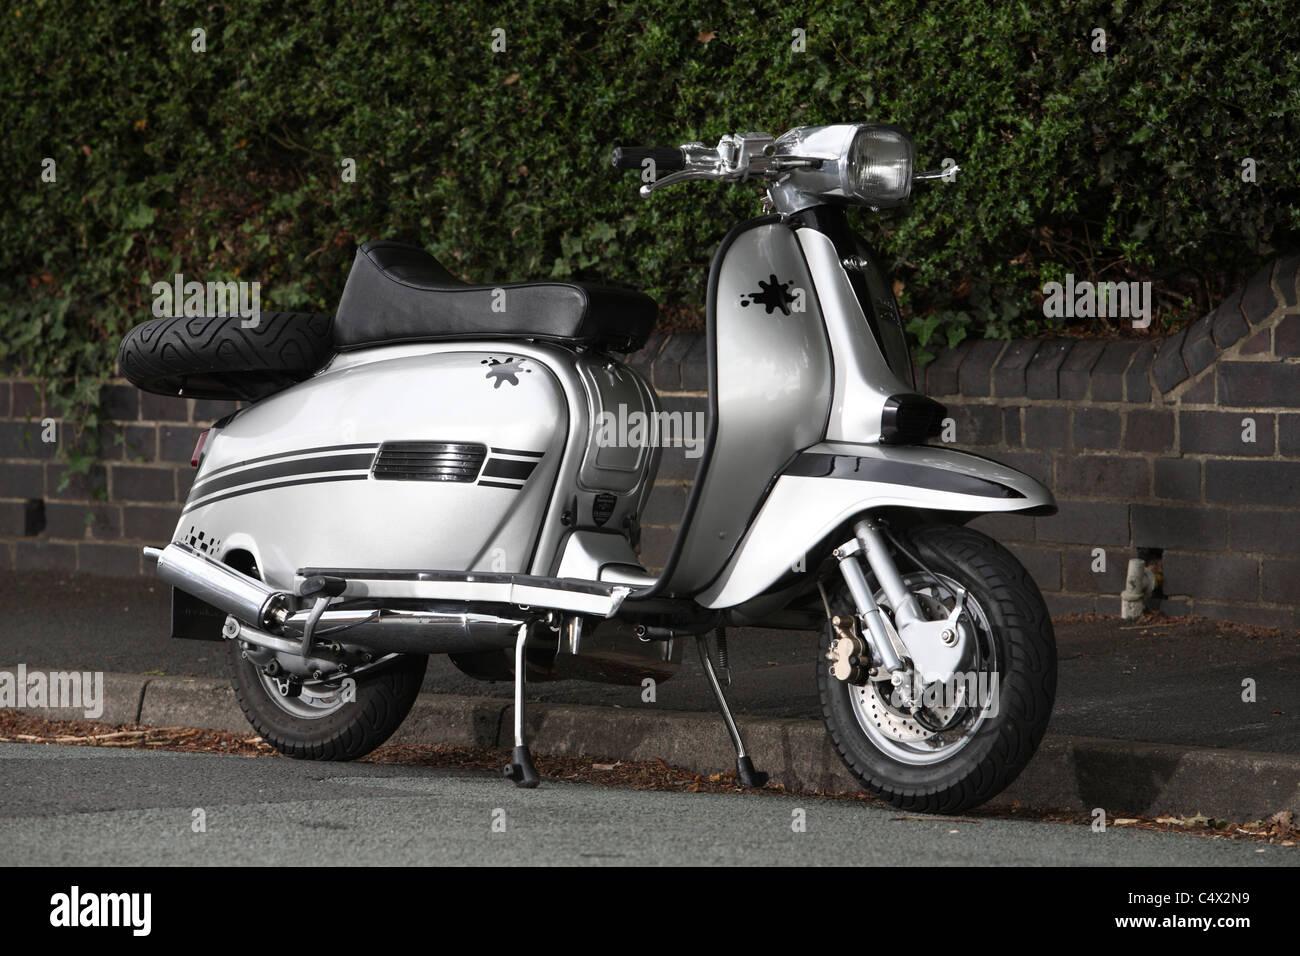 Lambretta scooter - Stock Image